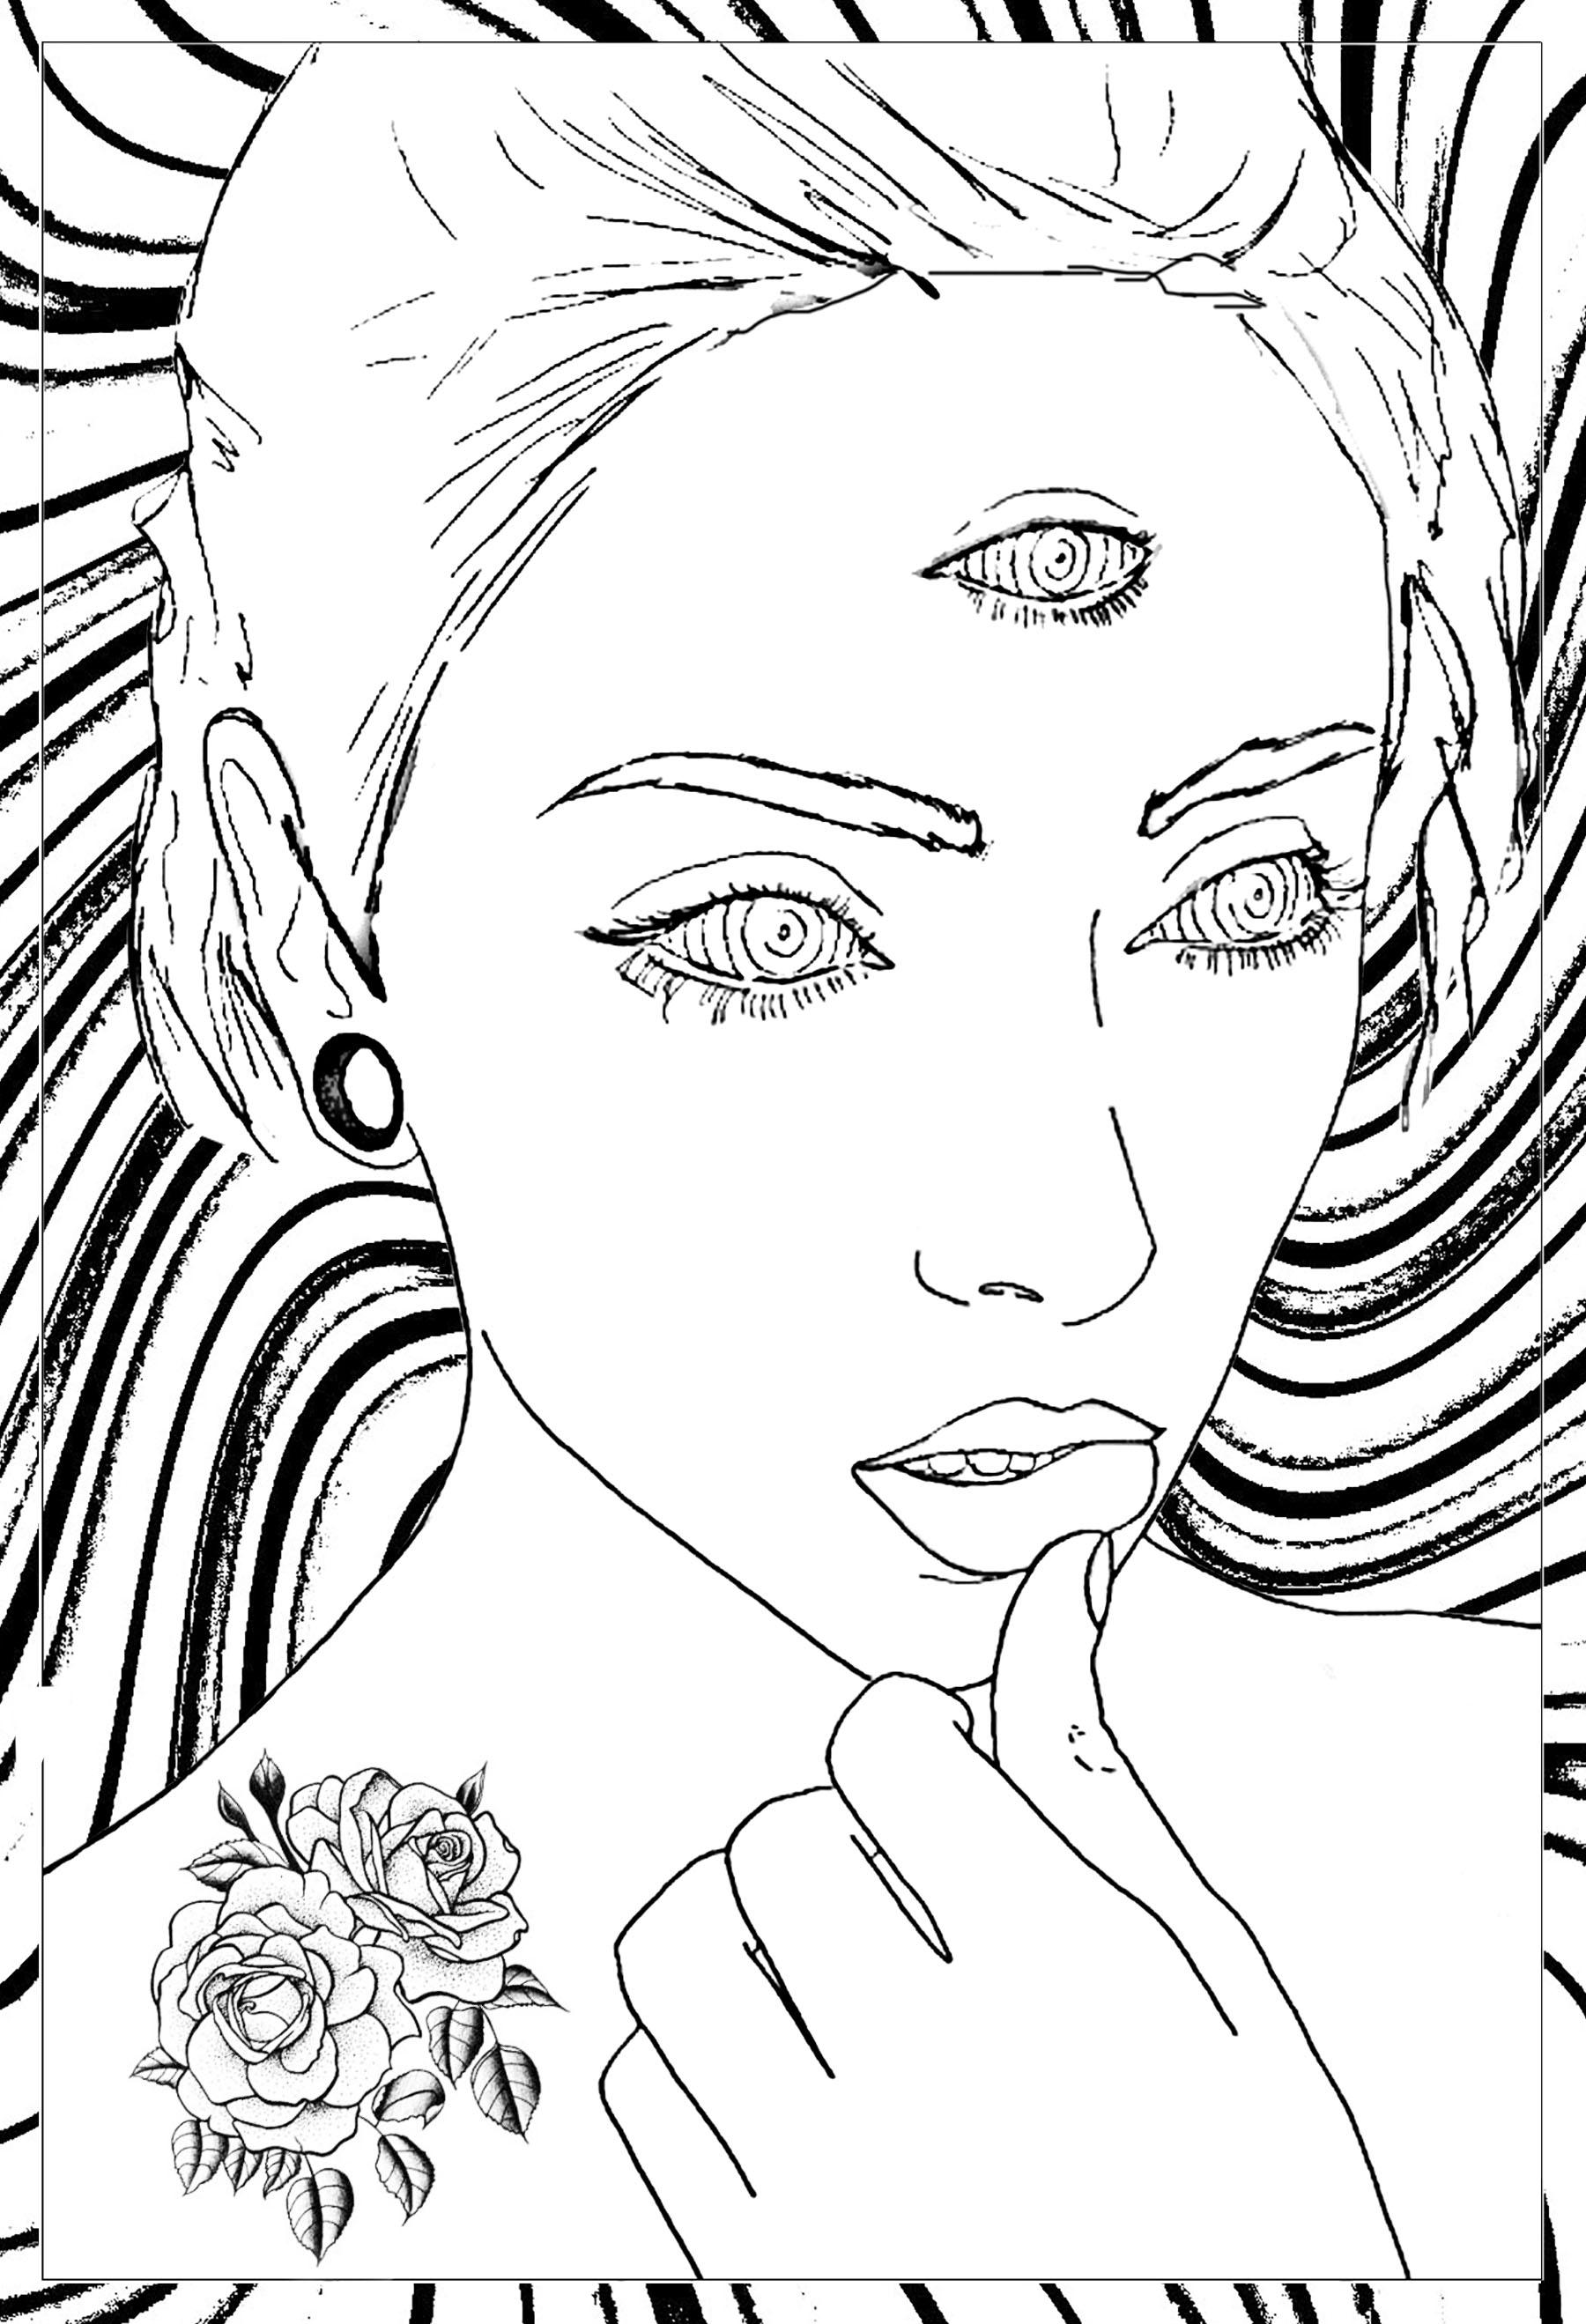 Femme Pensive Psychedelique Coloriages Difficiles Pour Adultes